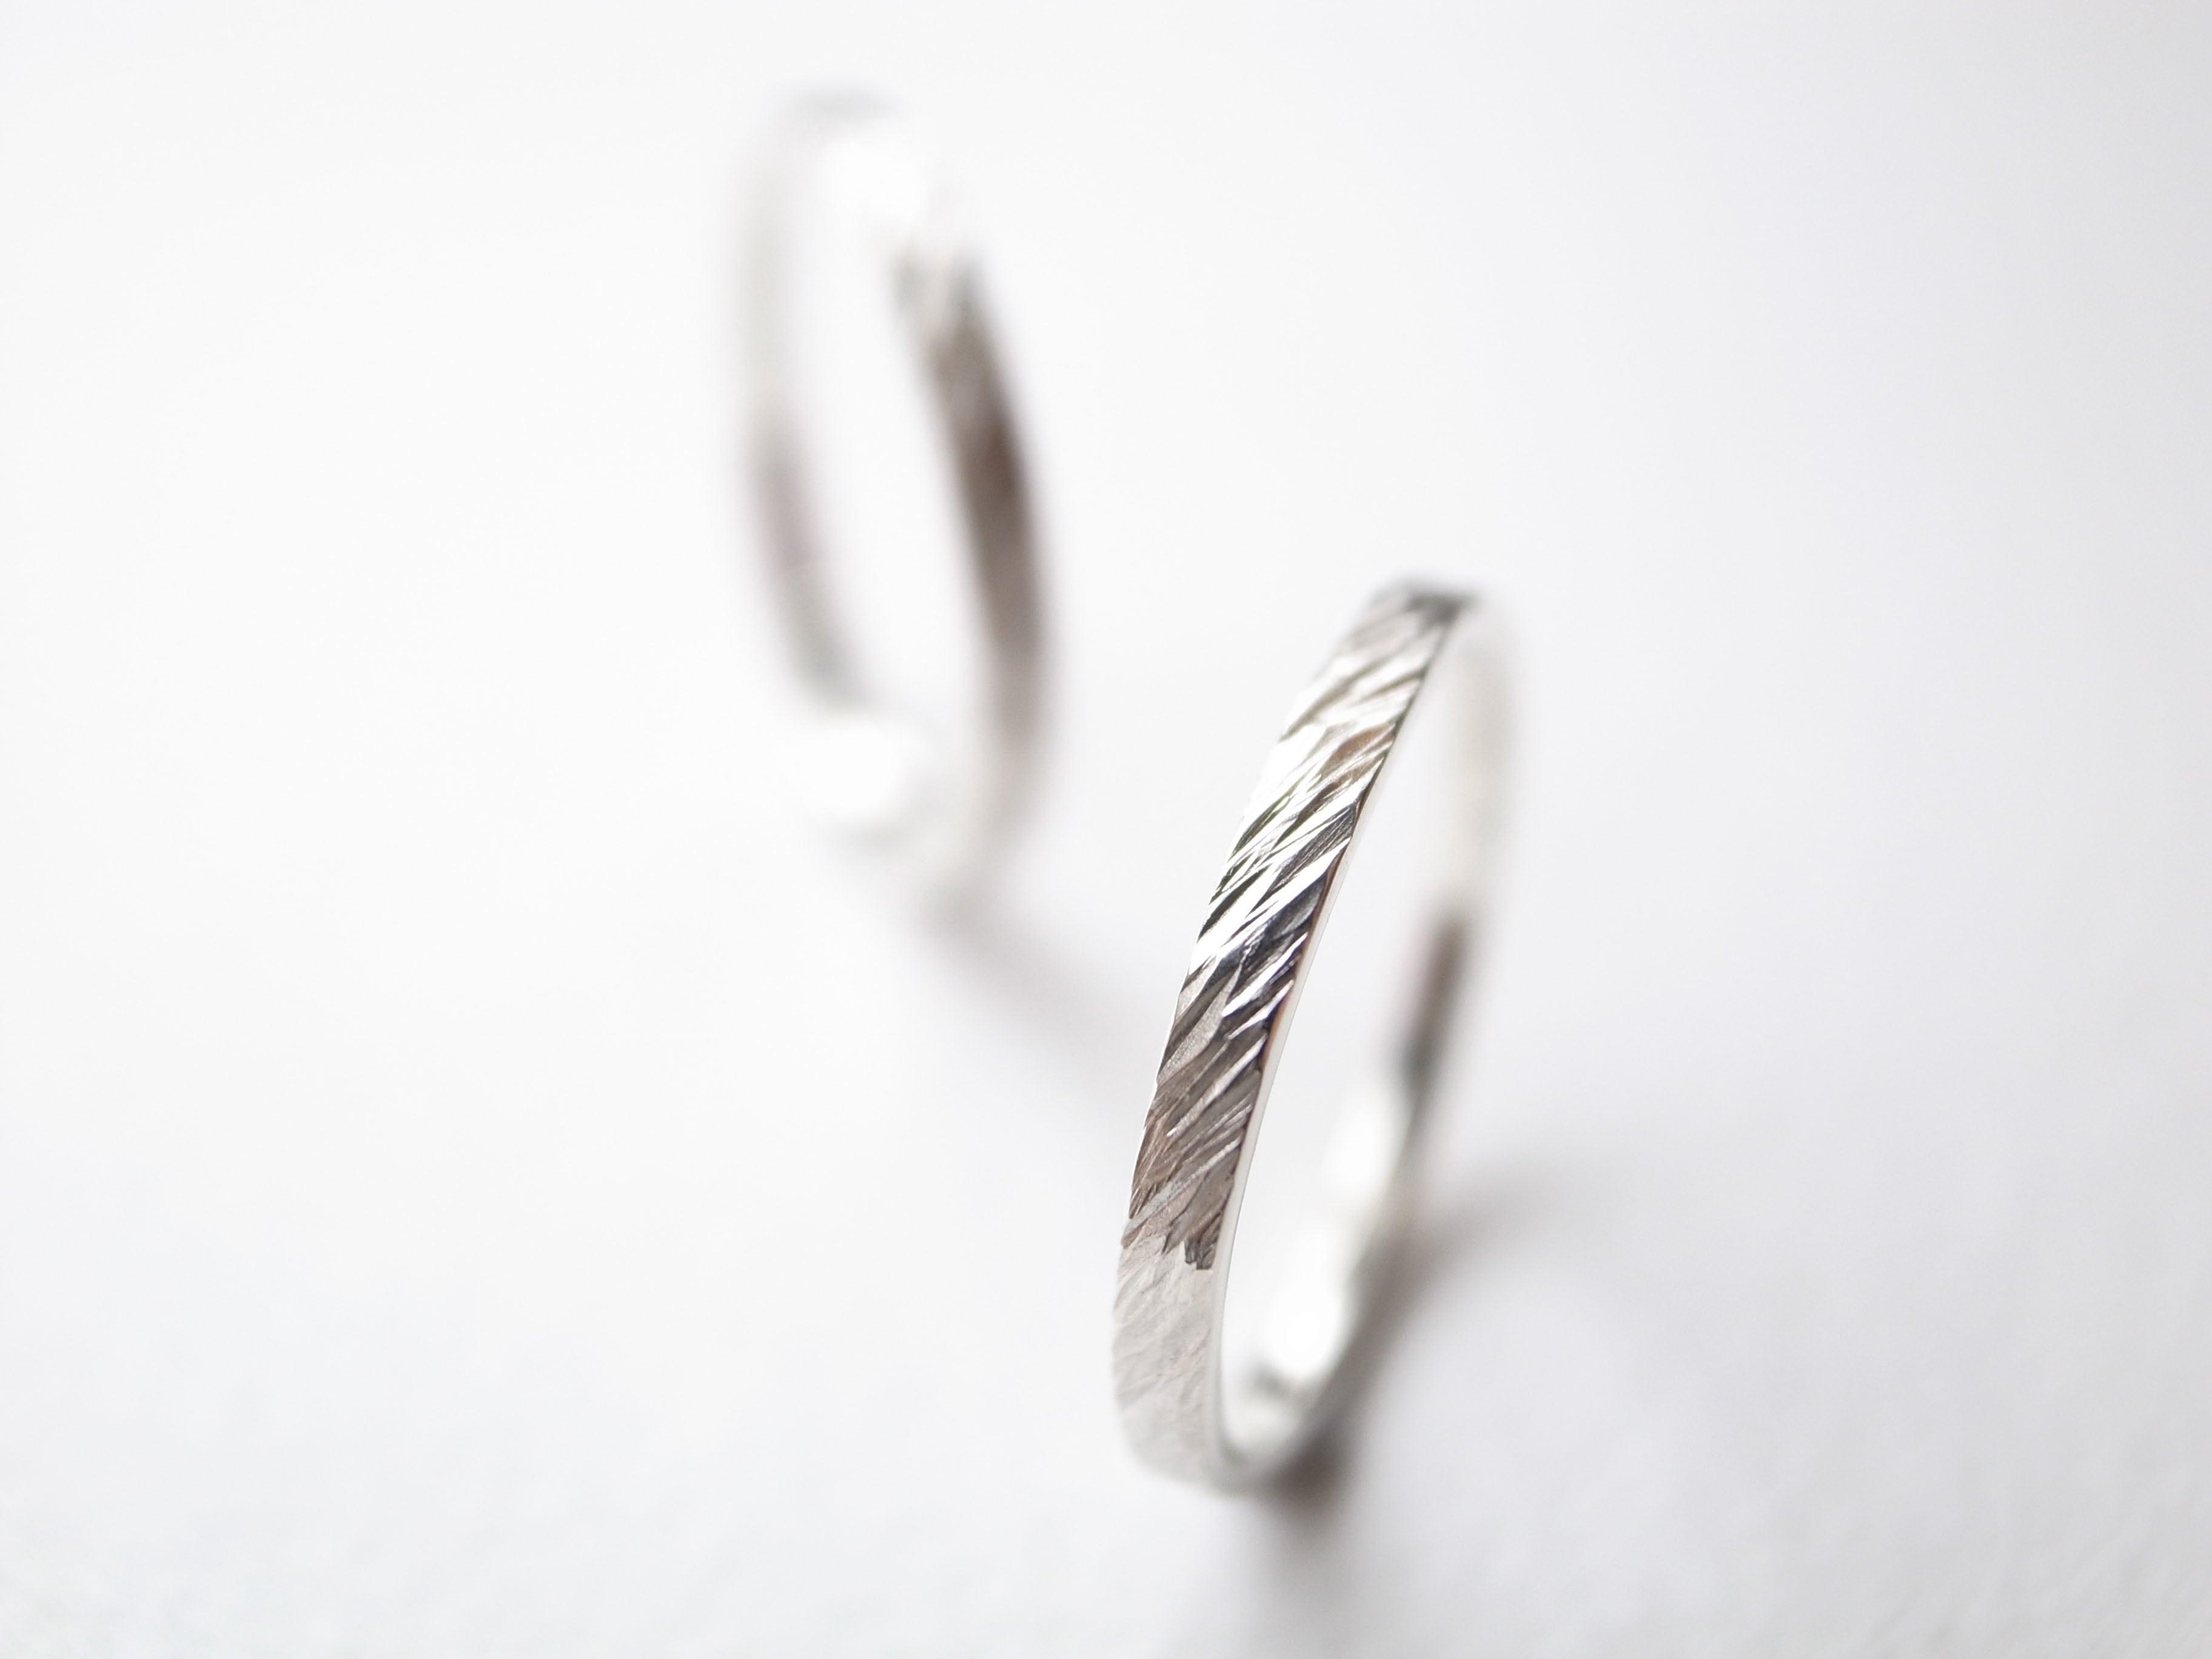 【pairing】Pt900/fur ring